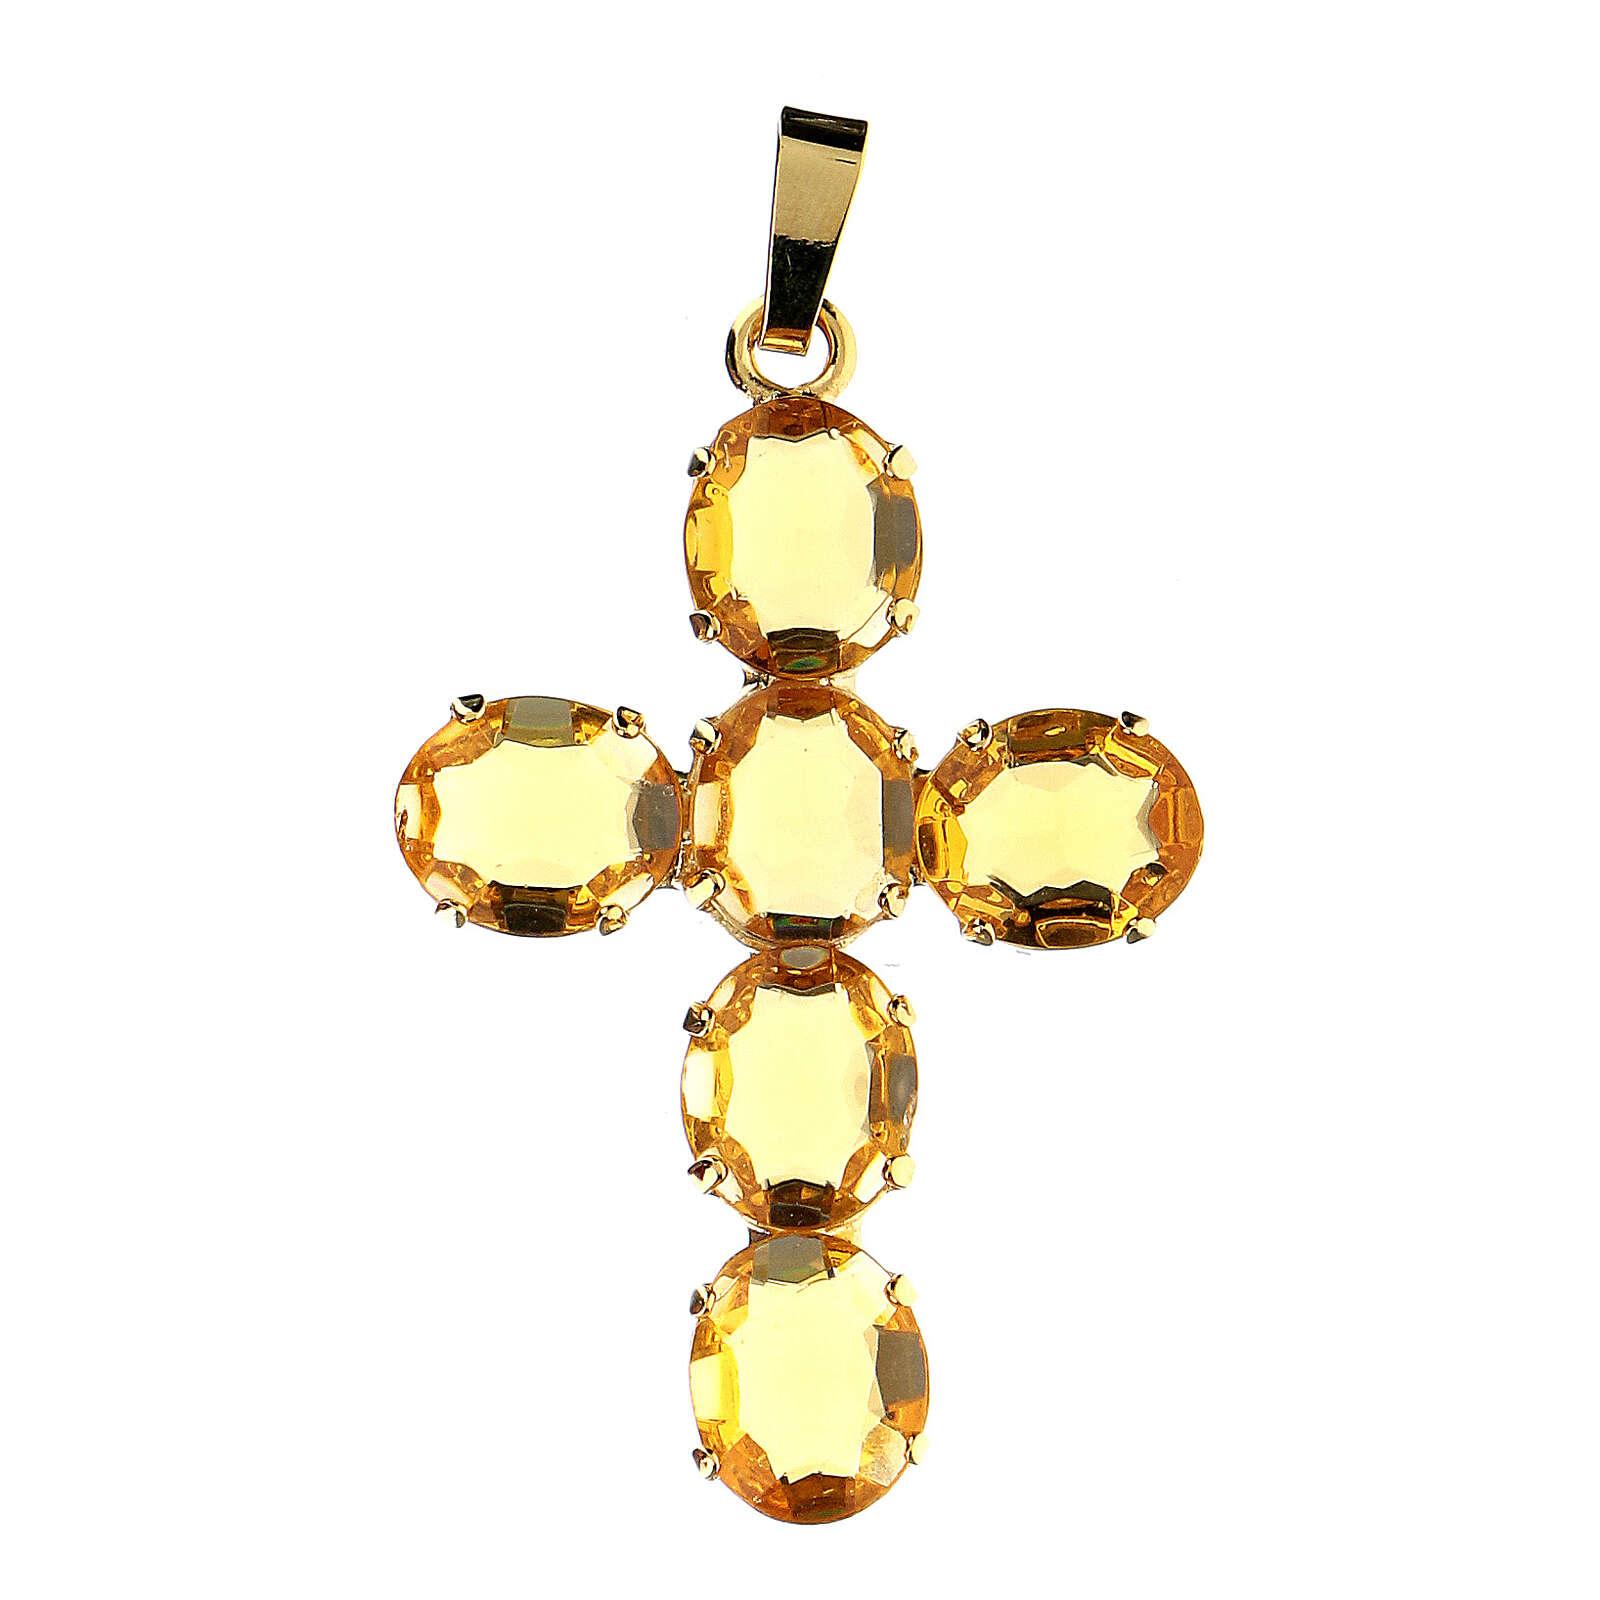 Krzyżyk zawieszka kryształ żółty owalny 4